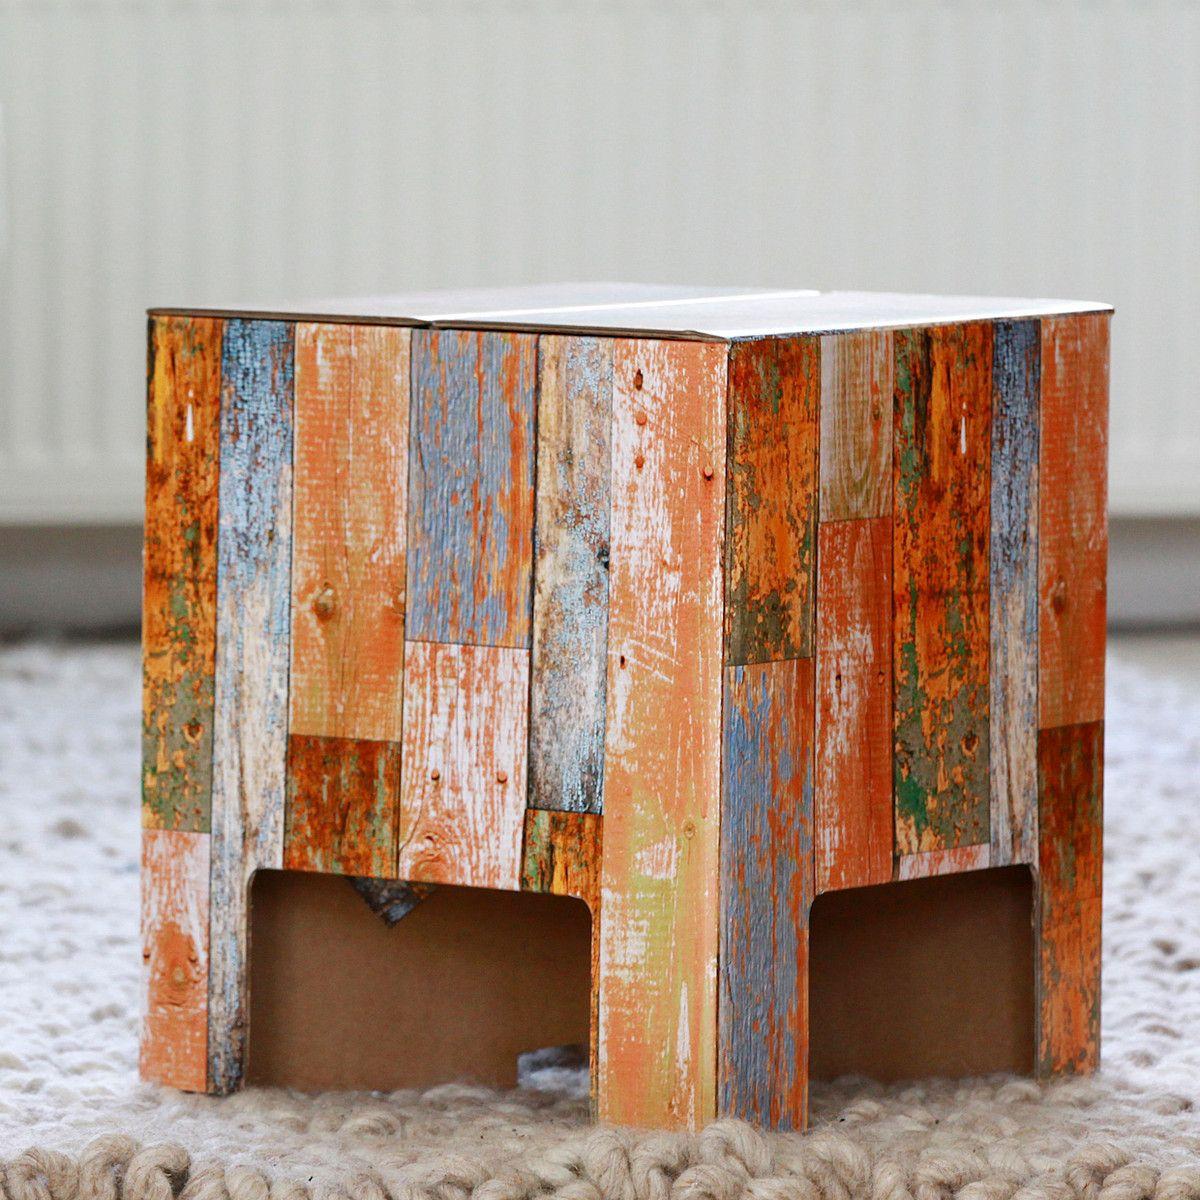 dutch design chair scrap wood / made of corrugated cardboard